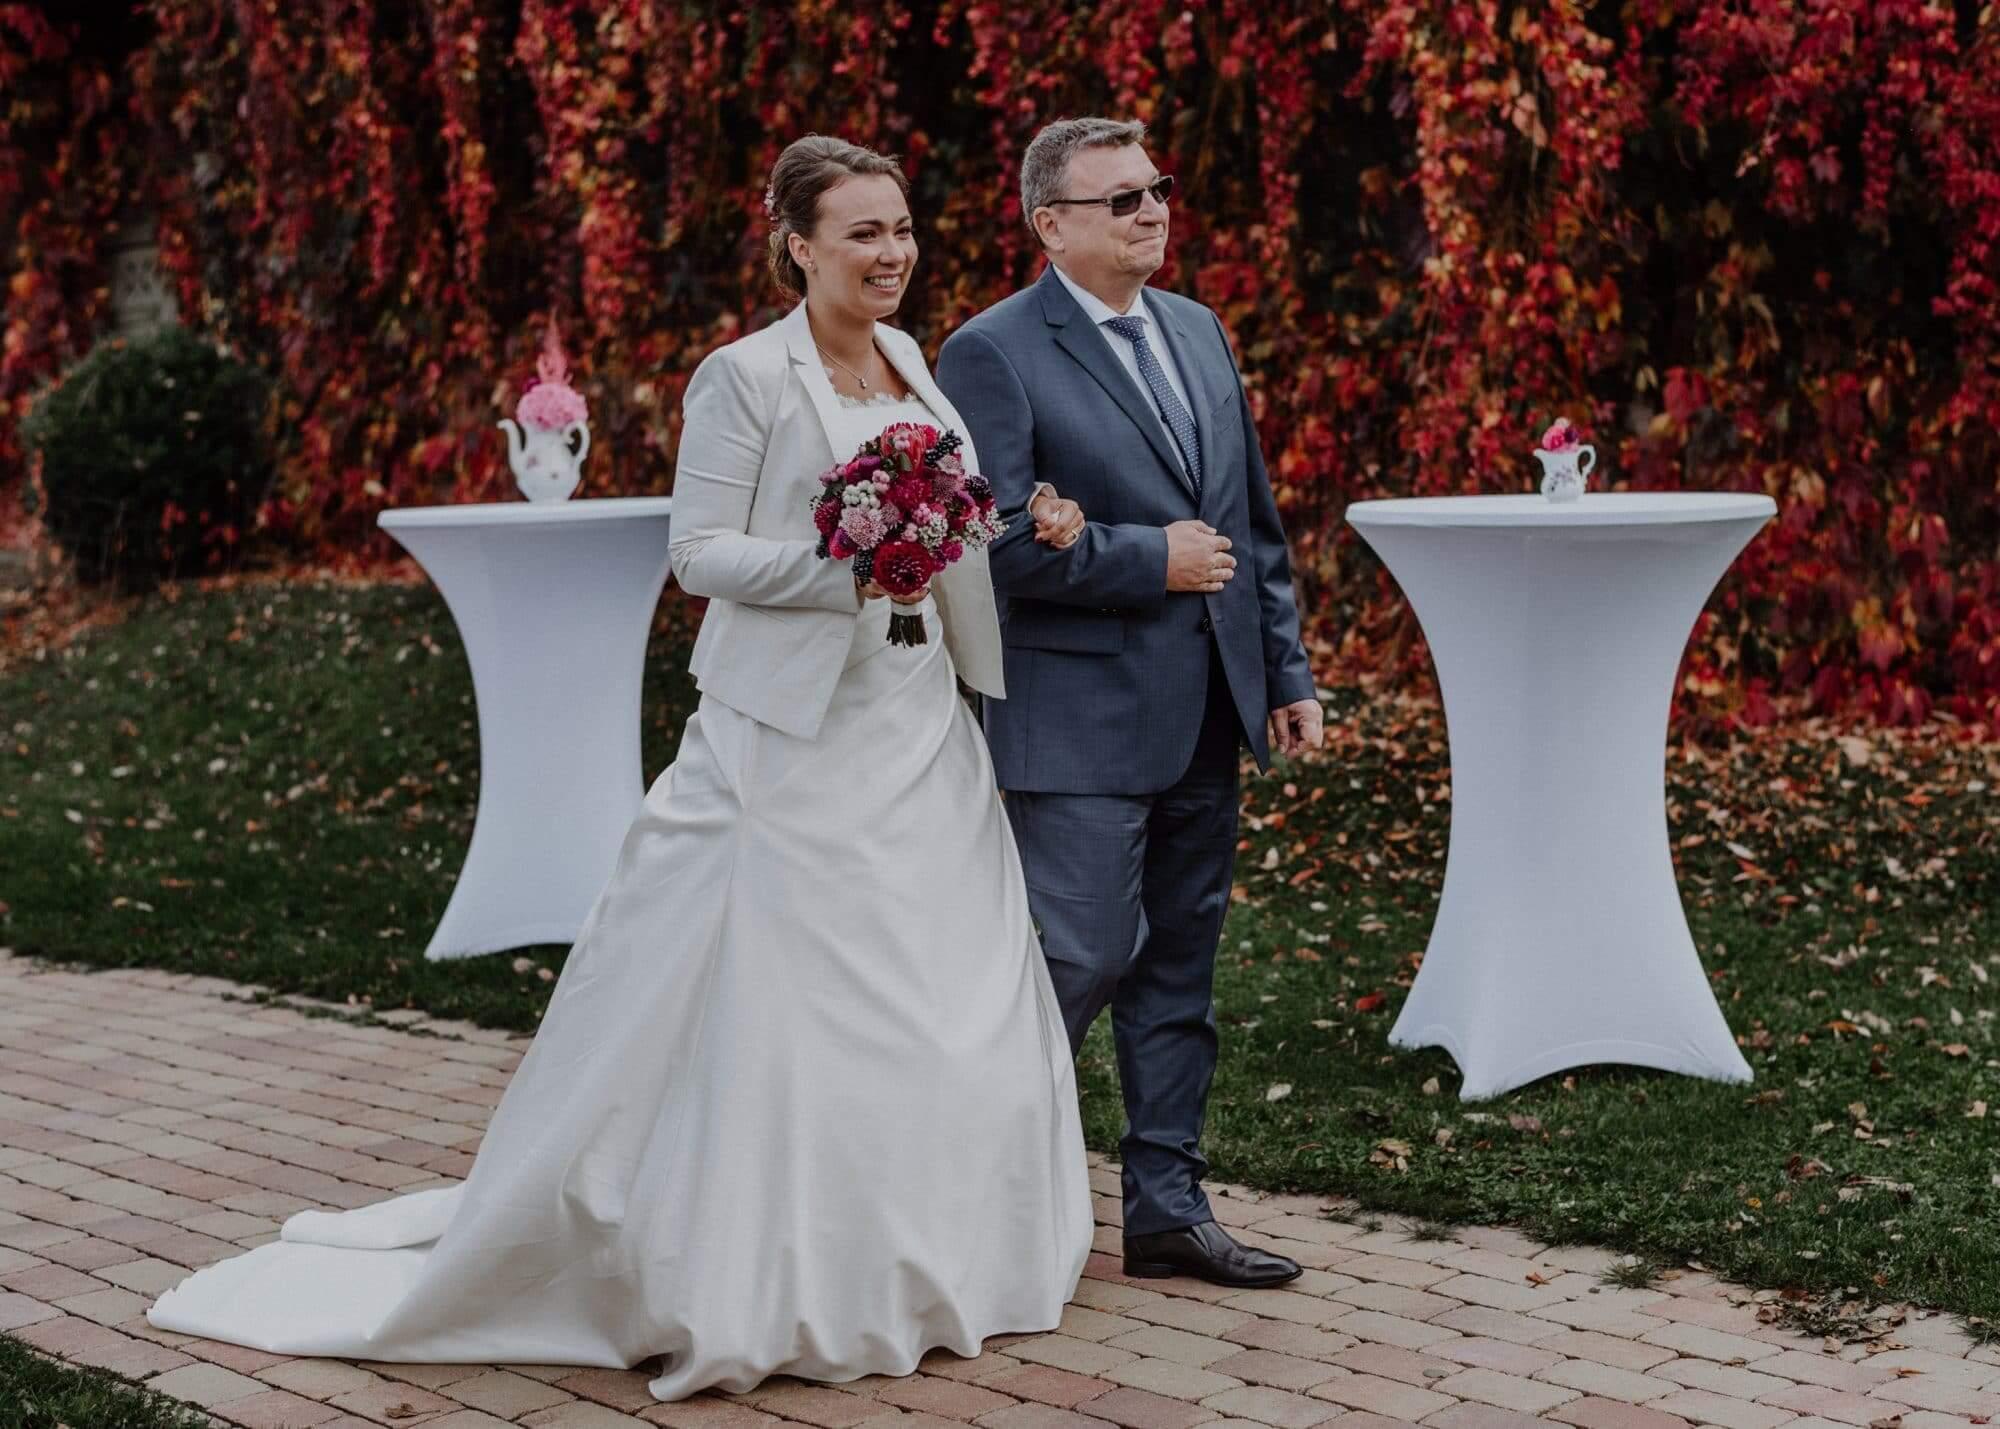 Einzug der Braut mit Brautvater zur freien Trauung